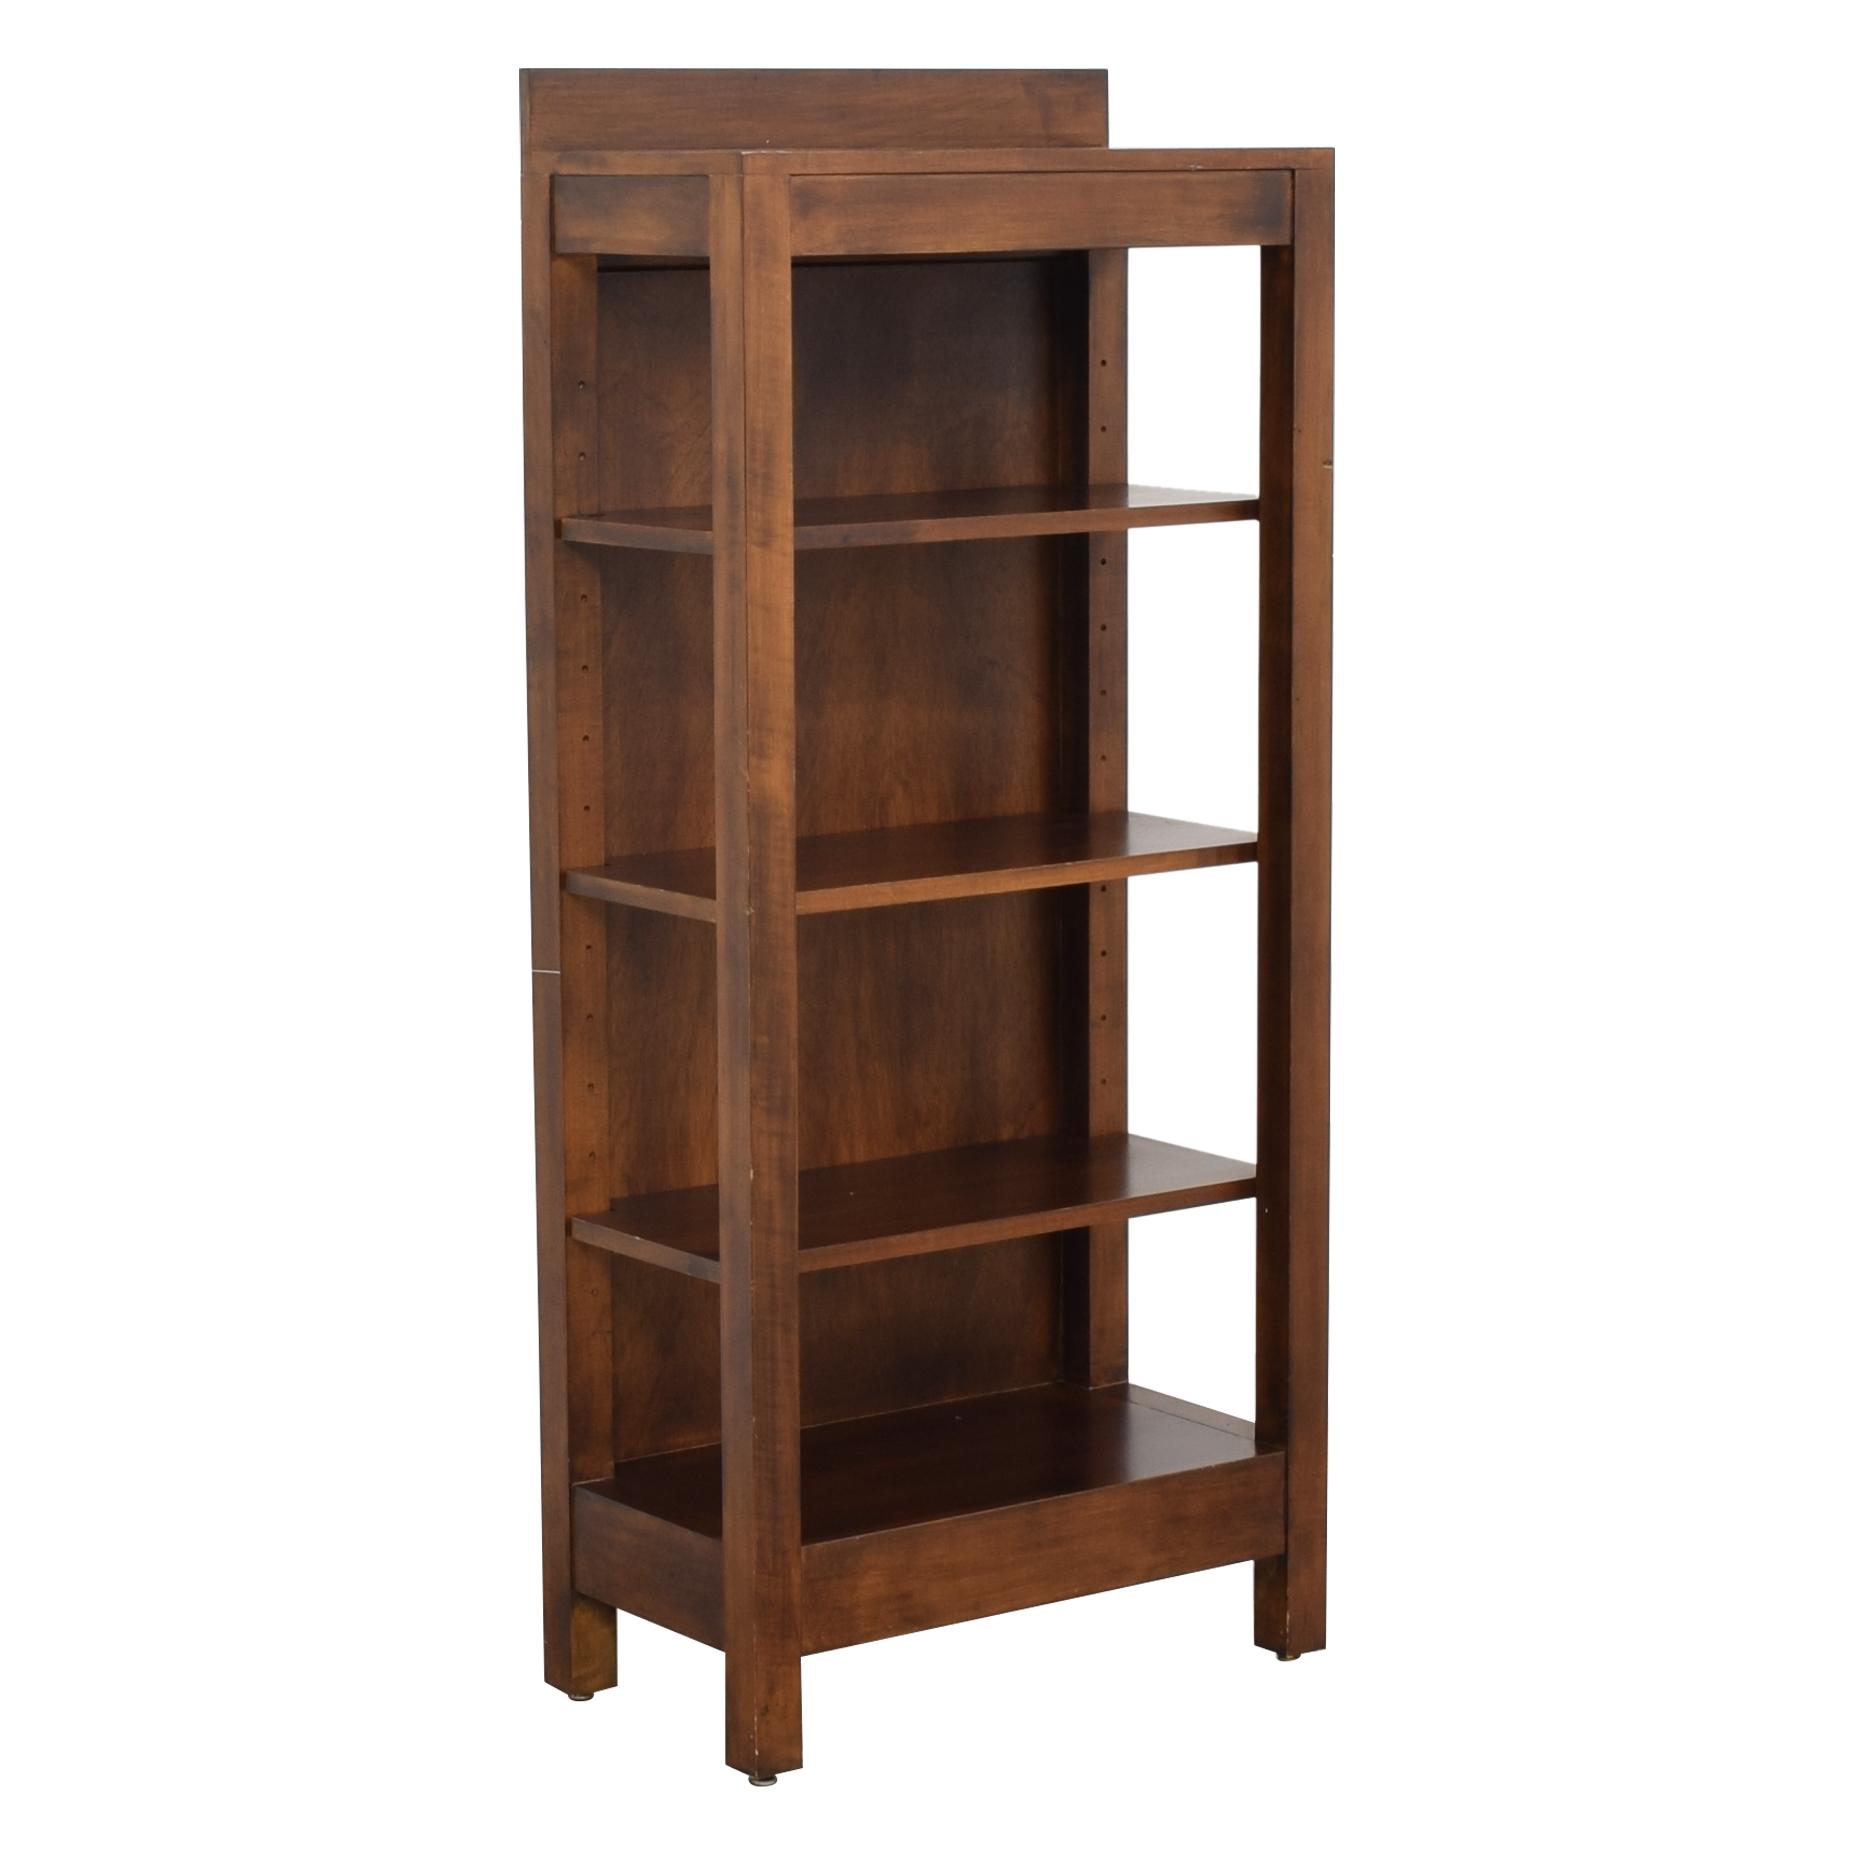 Romweber Romweber by Jim Peed Modern Bookcase for sale